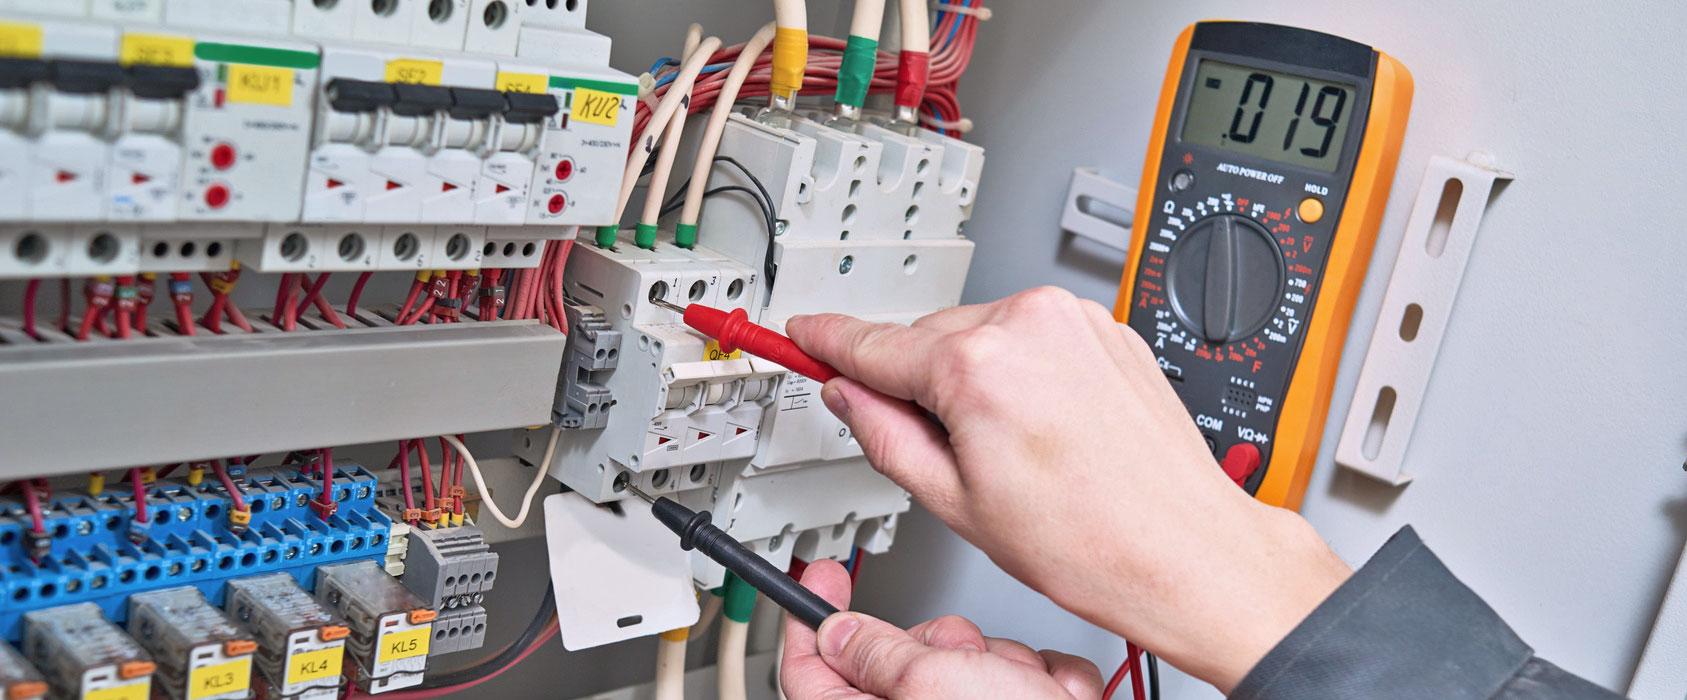 Remise aux normes électricité professionnels